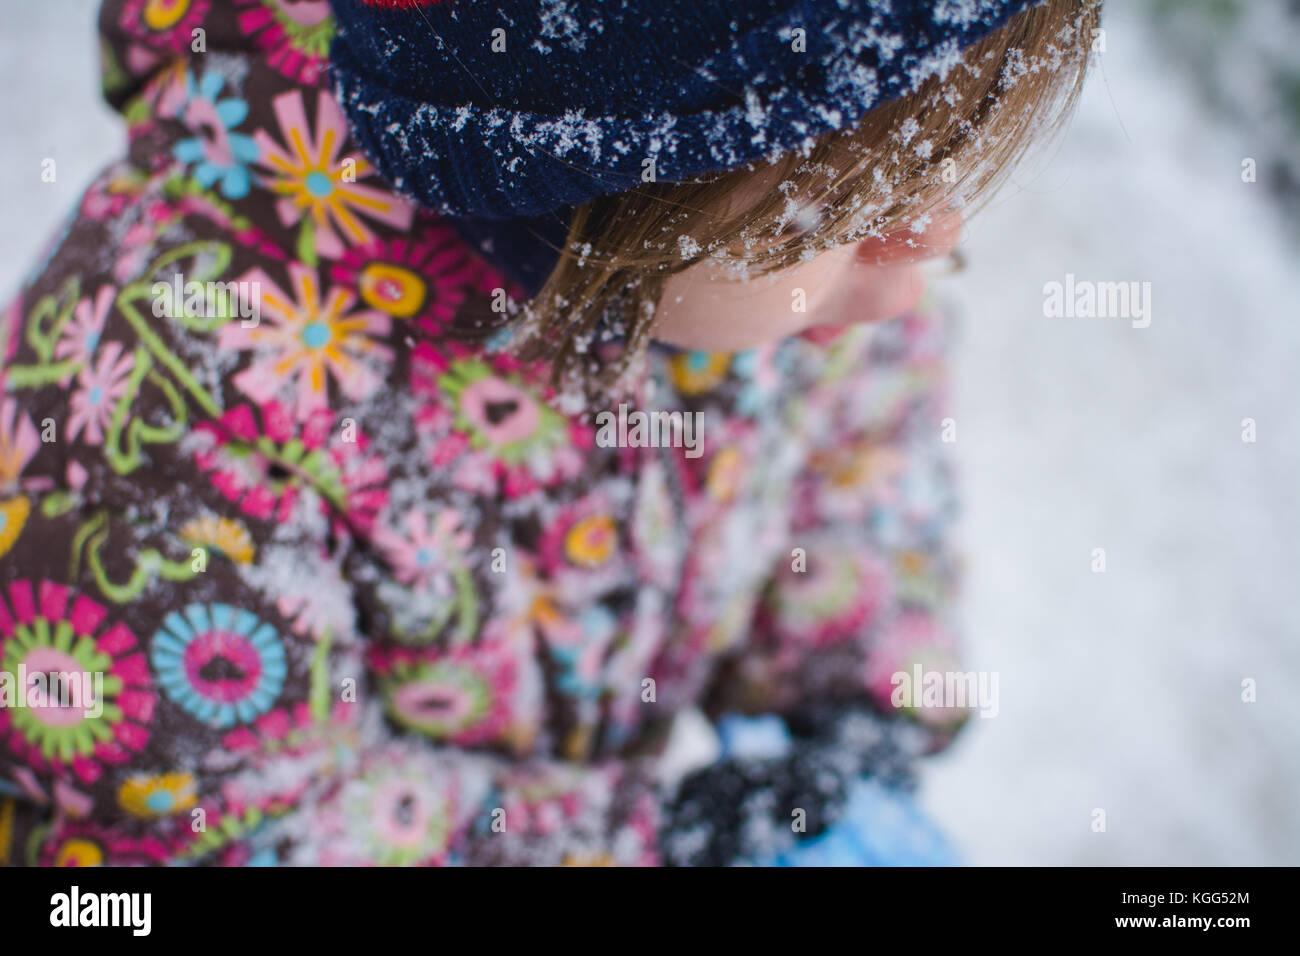 Ein Kleinkind steht außerhalb der Kleidung tragen im Winter mit Schnee um sie herum. Stockbild